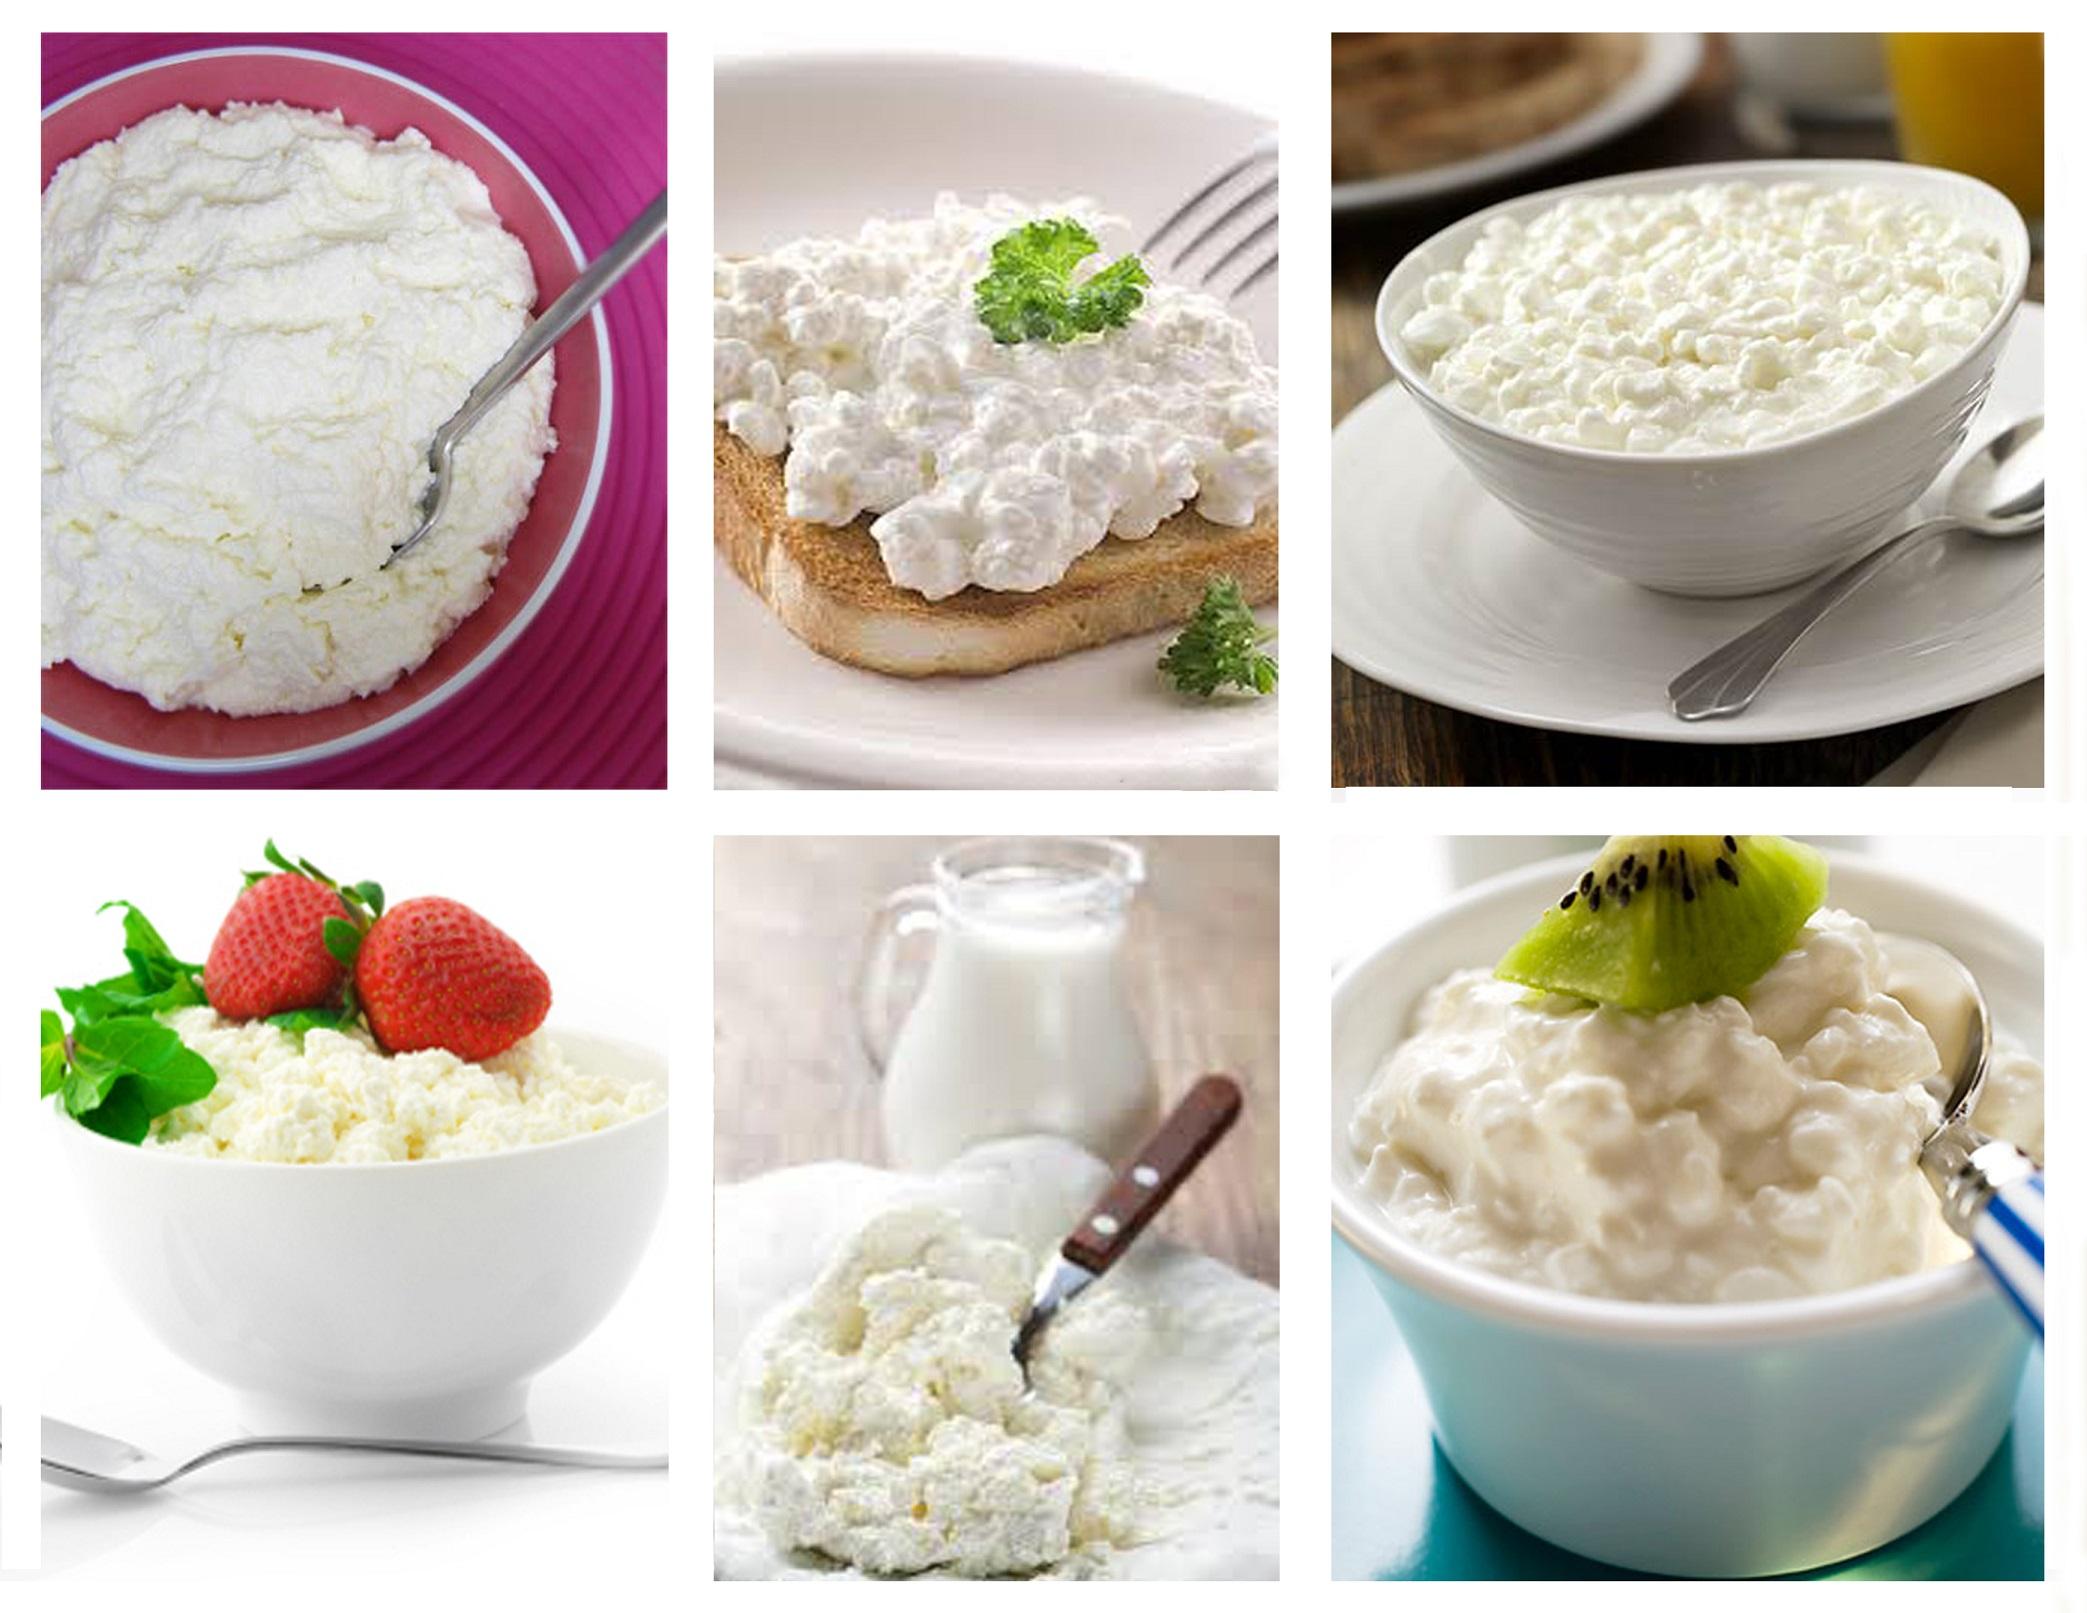 Творог обезжиренный диета